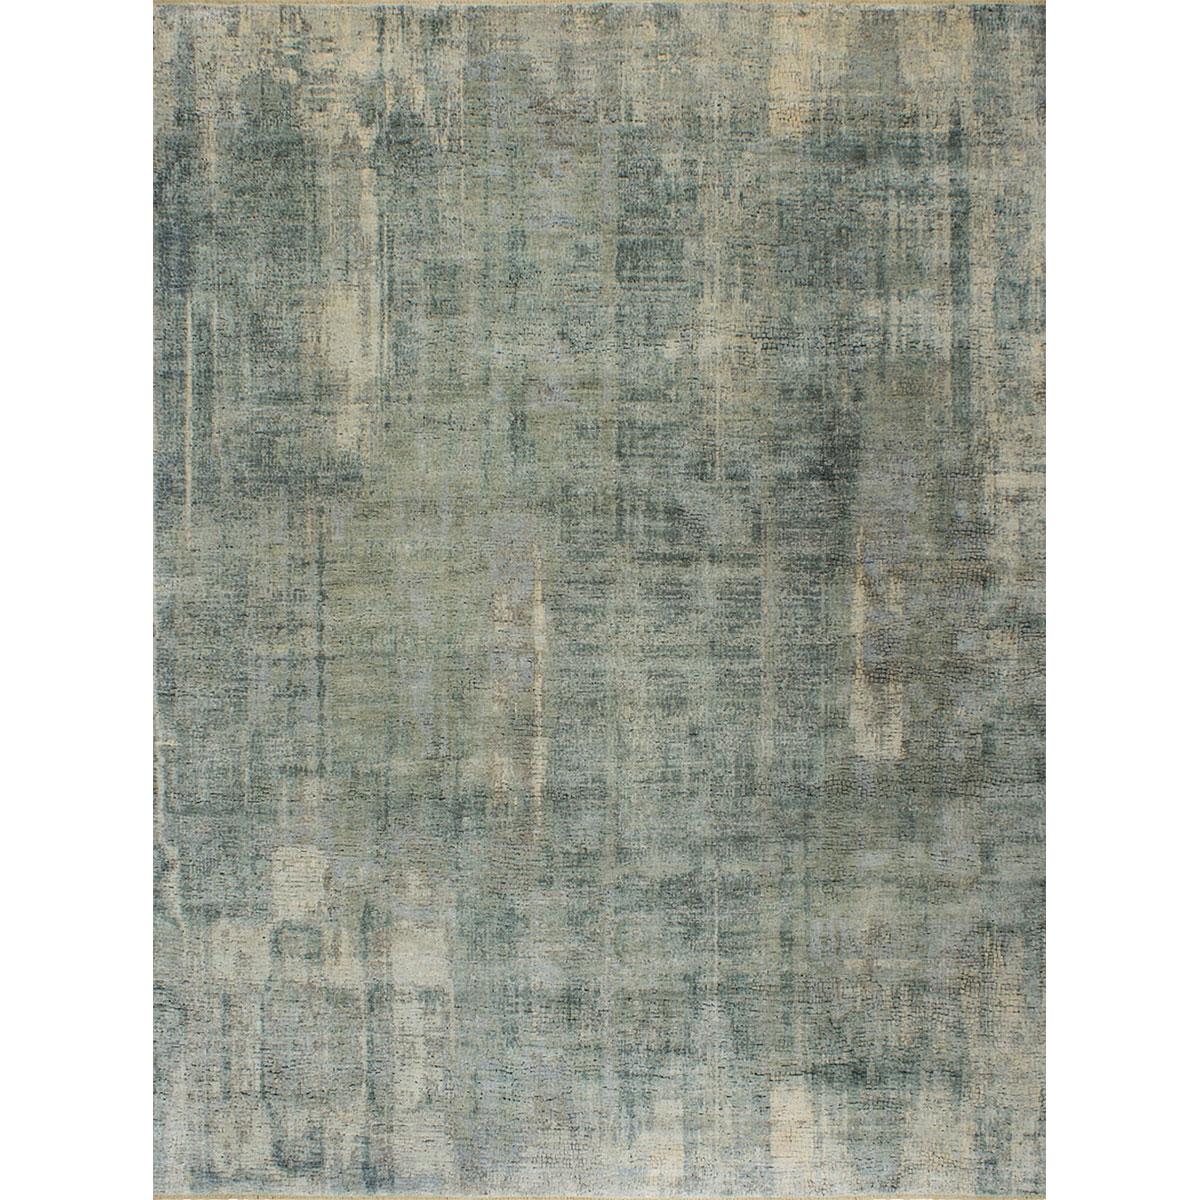 tiberius_wool-silk_hand-knotted_patterson-flynn-martin_pfm